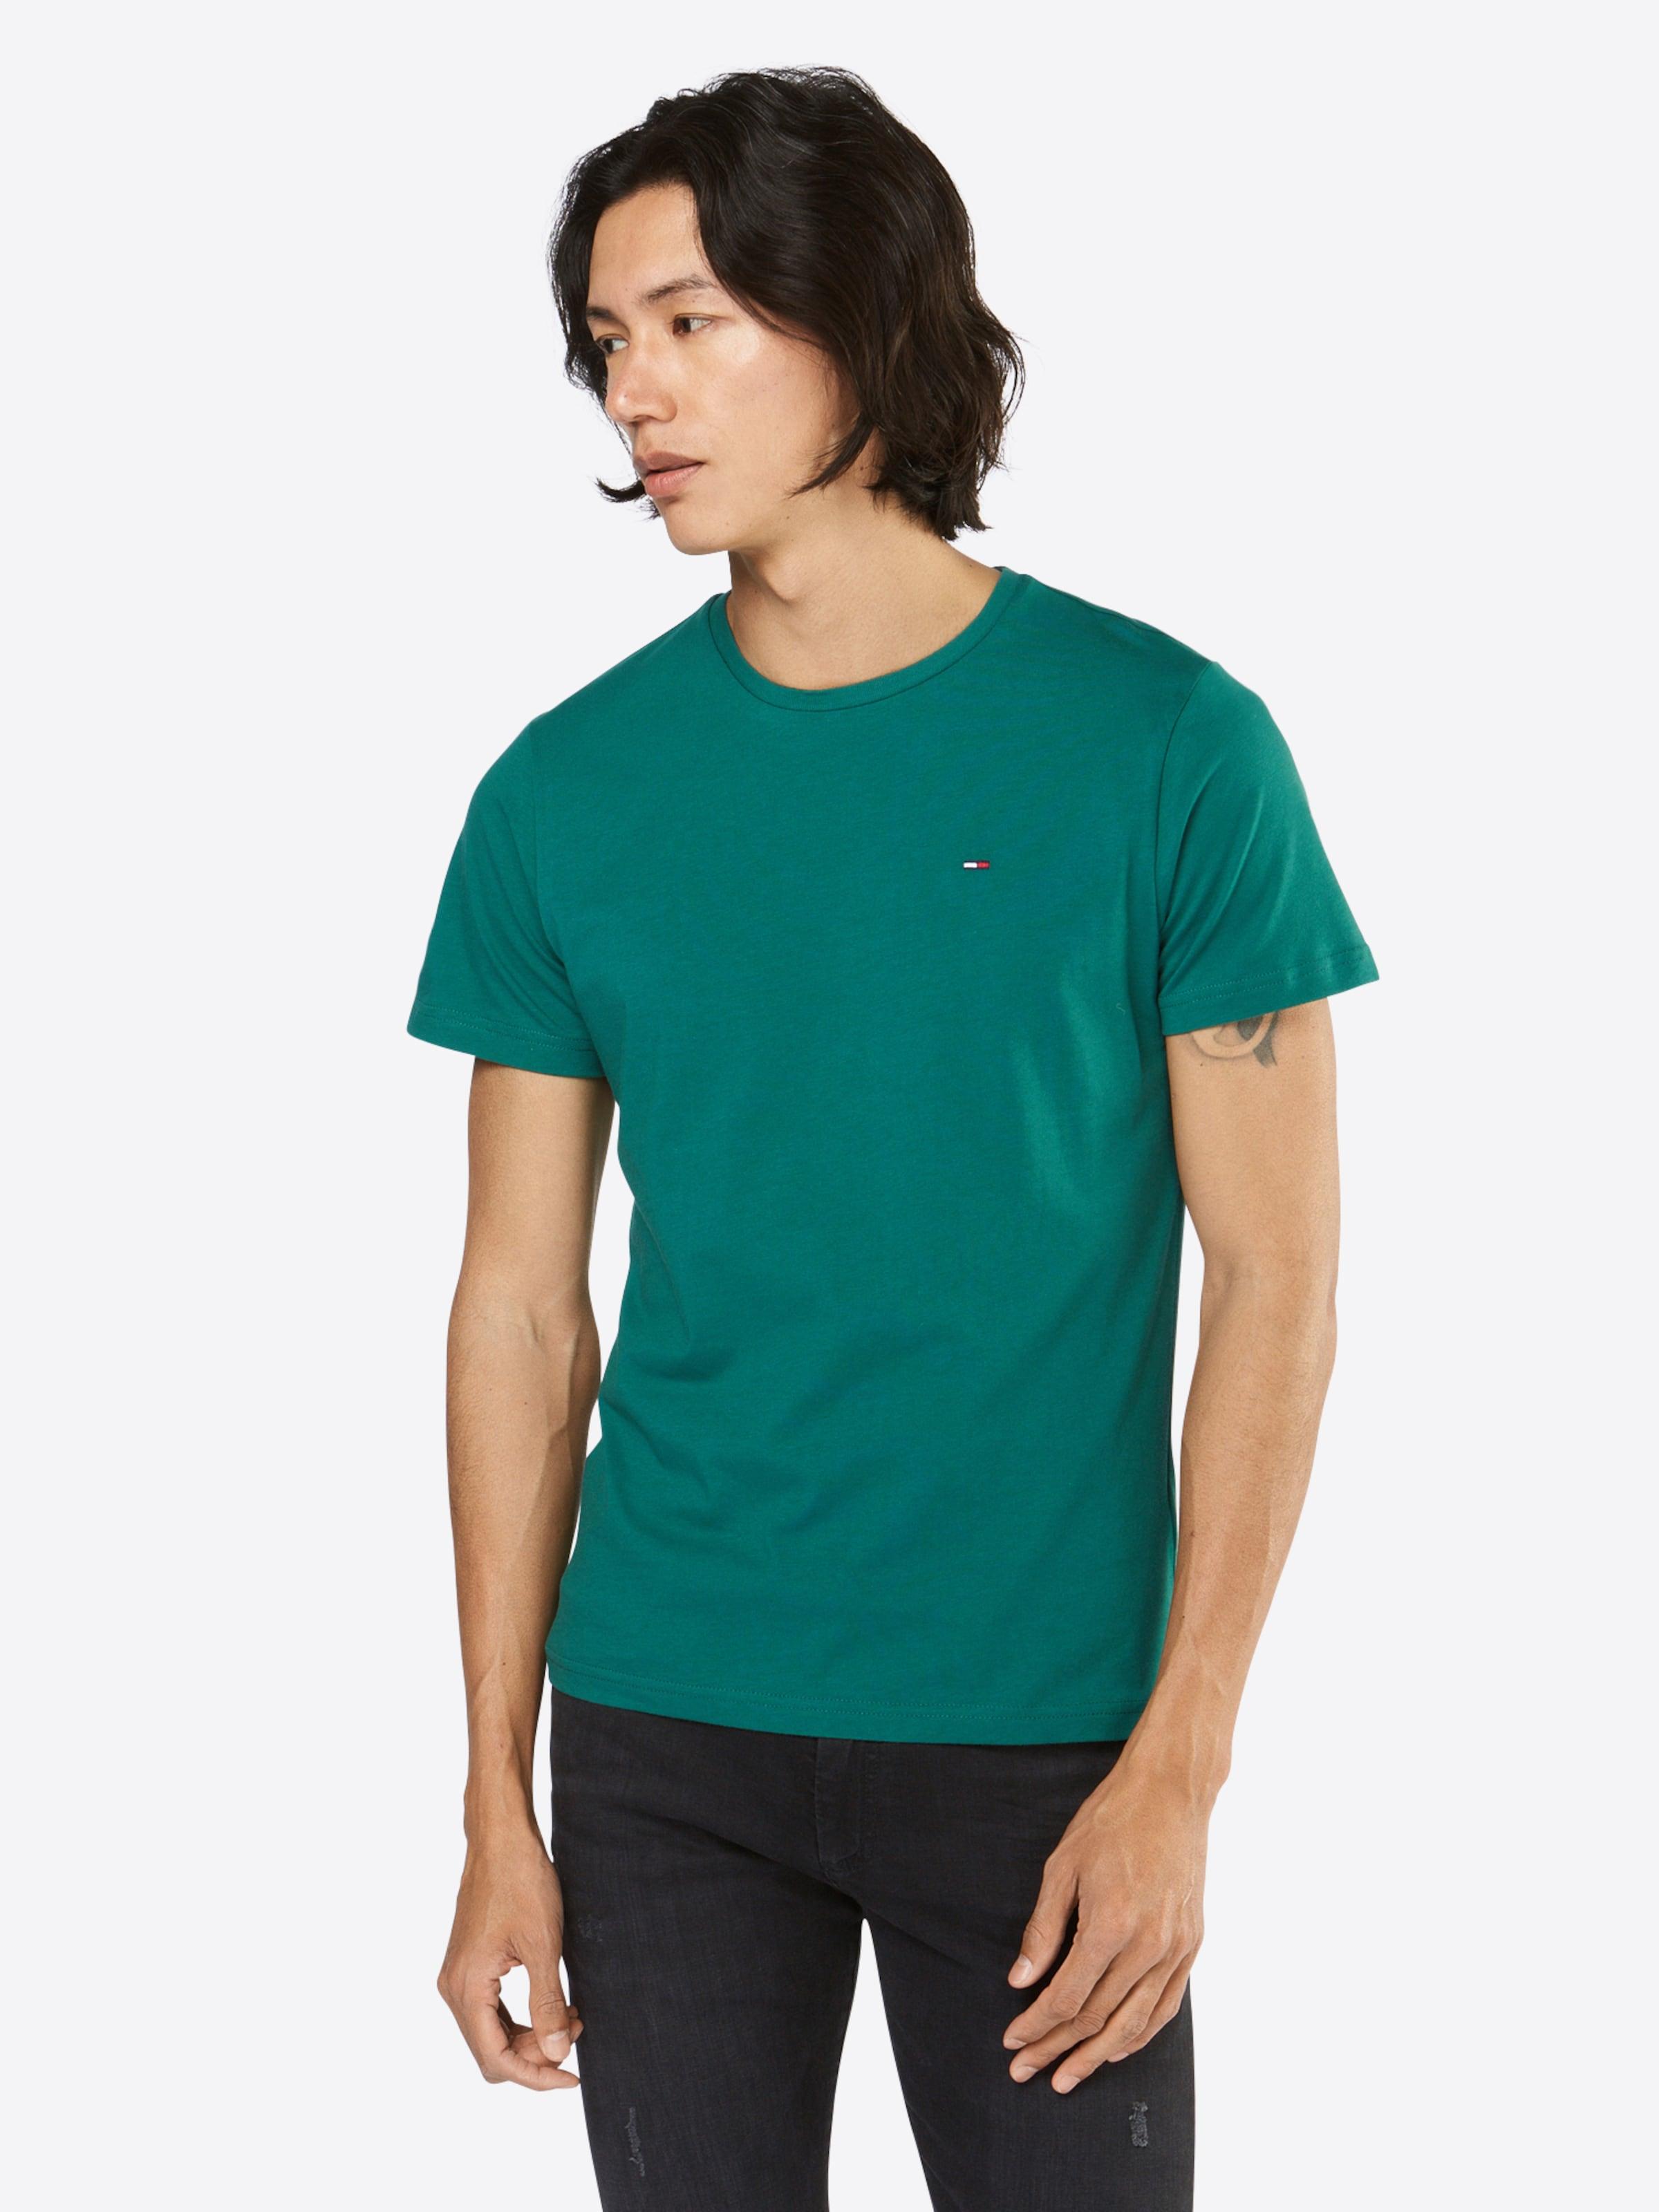 Tommy Jeans T-Shirt 'TJM BASIC REG CN KNIT S/S 16' Beeile Dich cc9cam